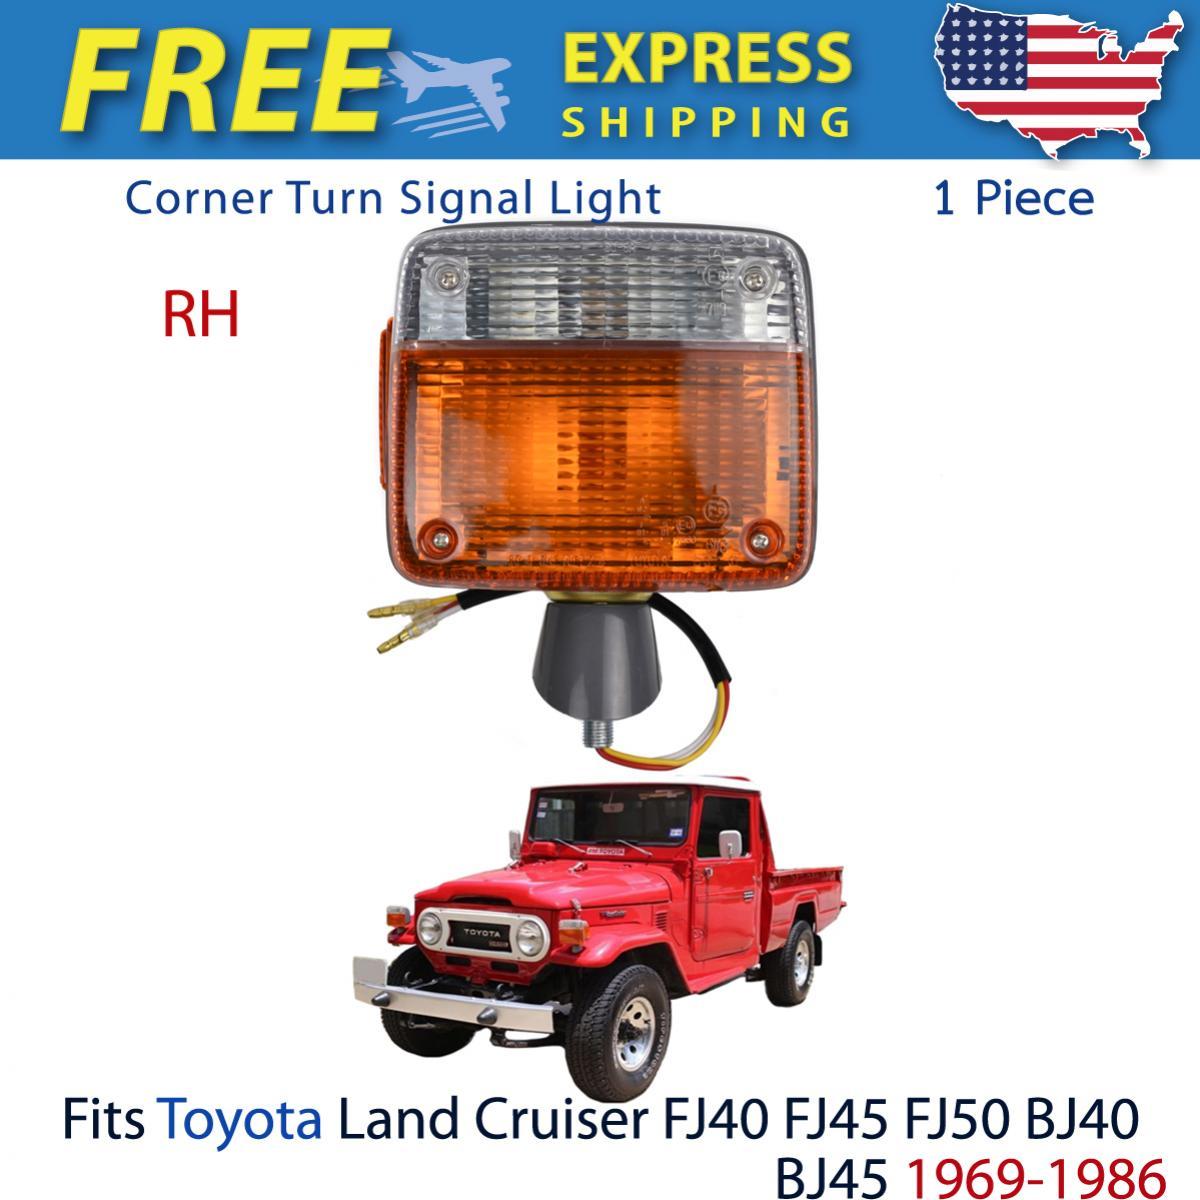 コーナーライト Right Corner Turn Signal Light Lamp Fits Toyota Land Cruiser FJ40 BJ40 1869-1986 トヨタランドクルーザーFJ40 BJ40 1869-1986に適合するライトコーナーターンシグナルランプ